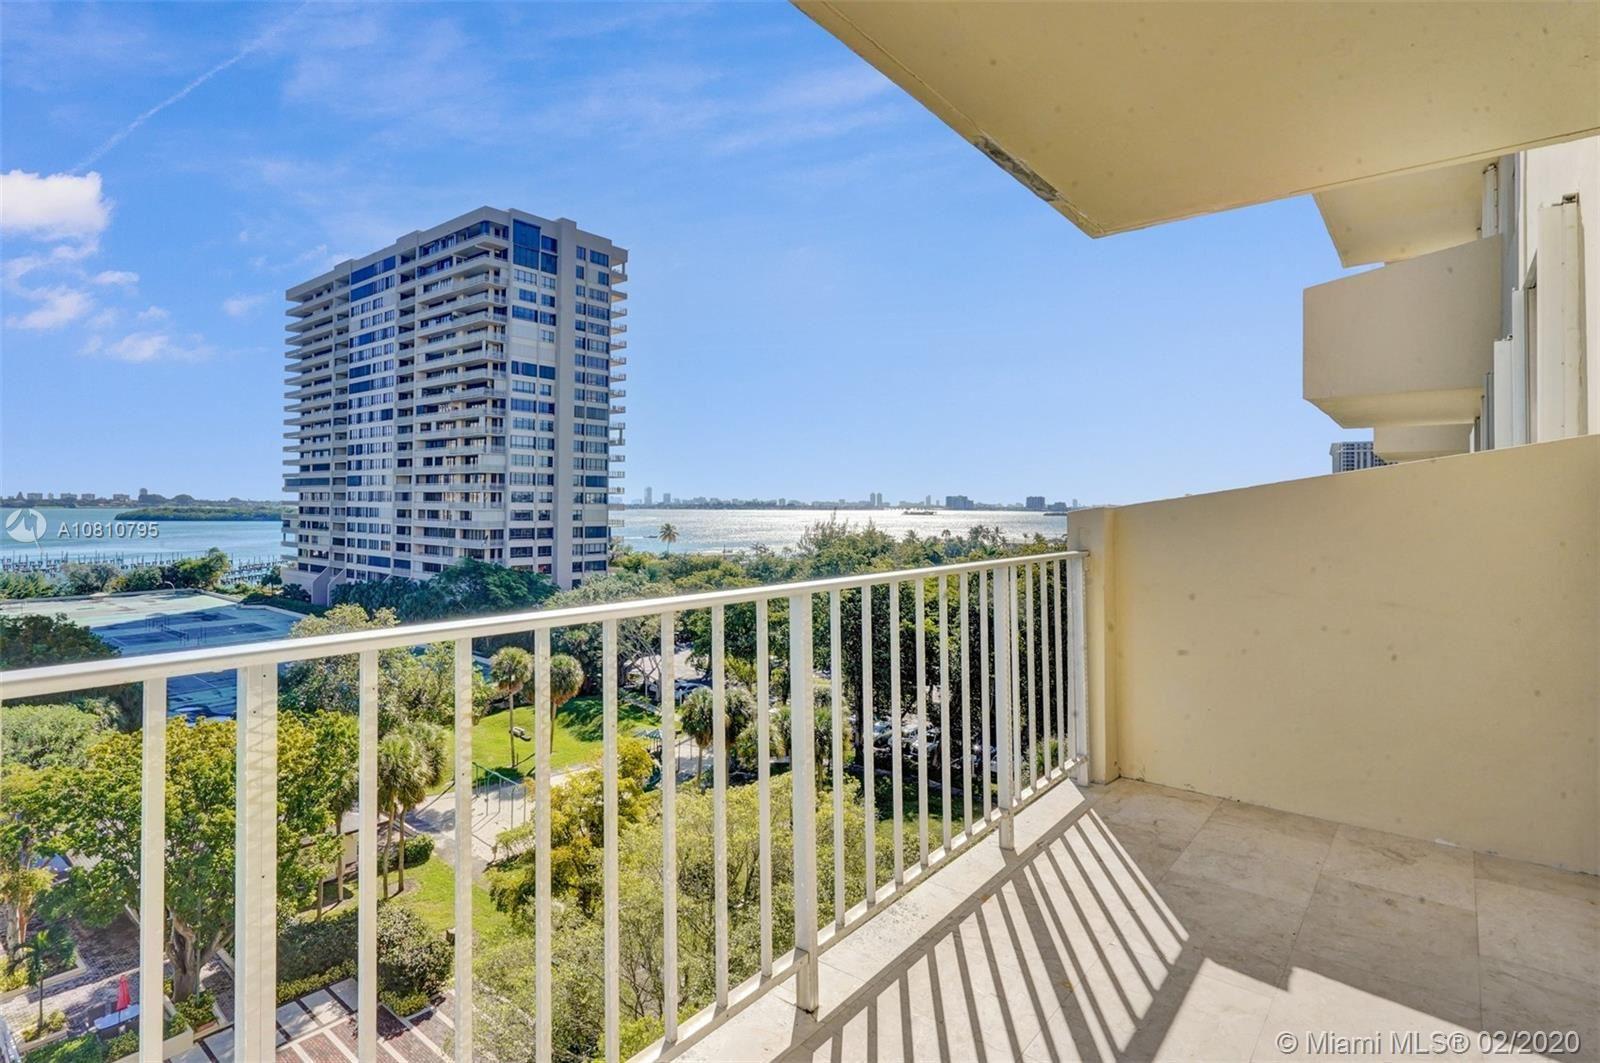 11111 Biscayne Blvd #821, Miami, FL 33181 - #: A10810795